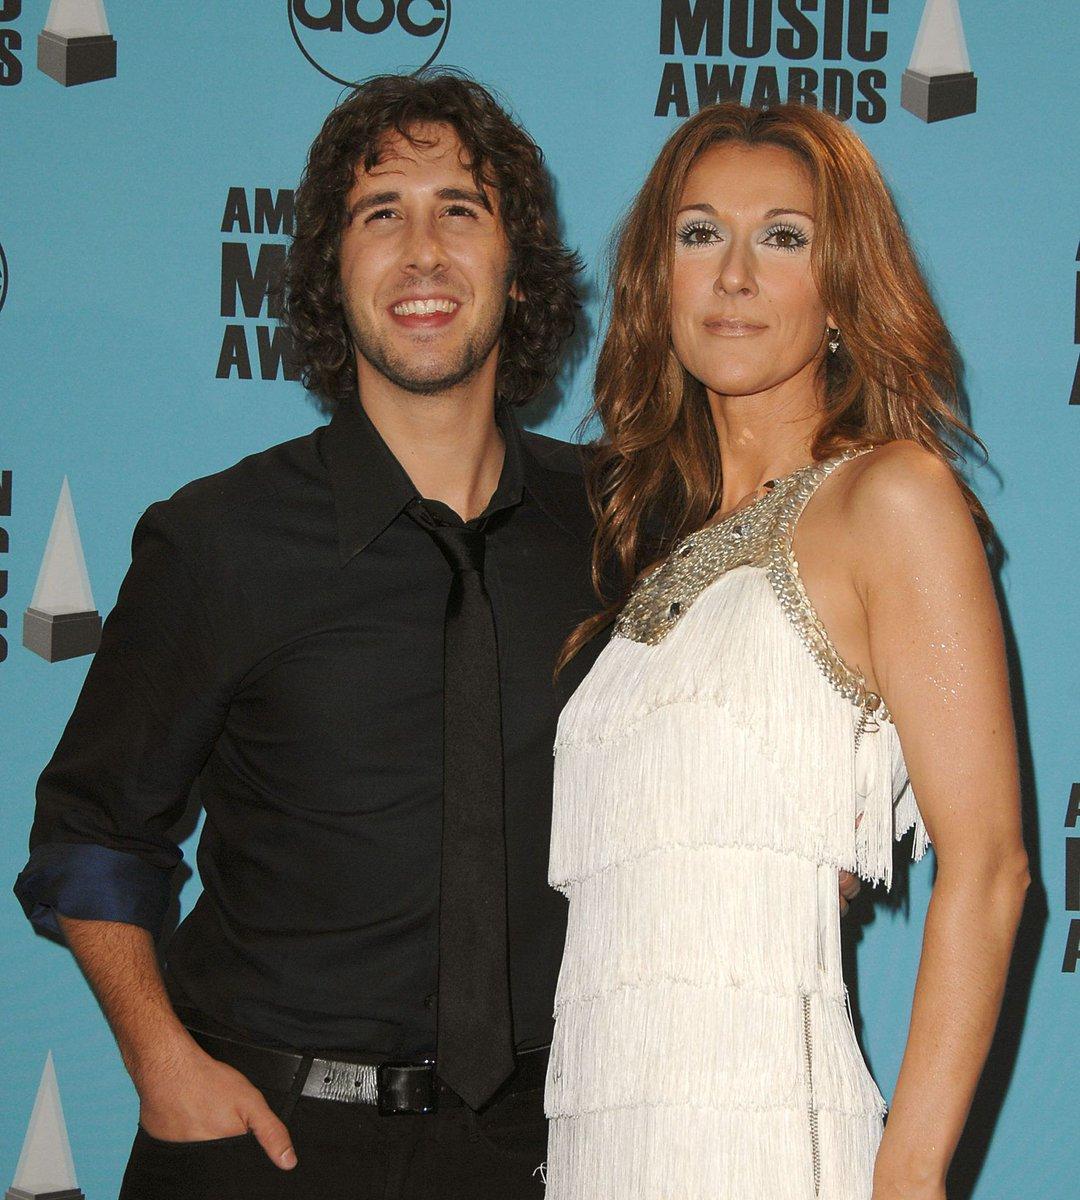 Celine Dion with Josh Groban  Céline Dion avec Josh Groban  #JoshGroban  #CelineDion #CélineDion @celinedion